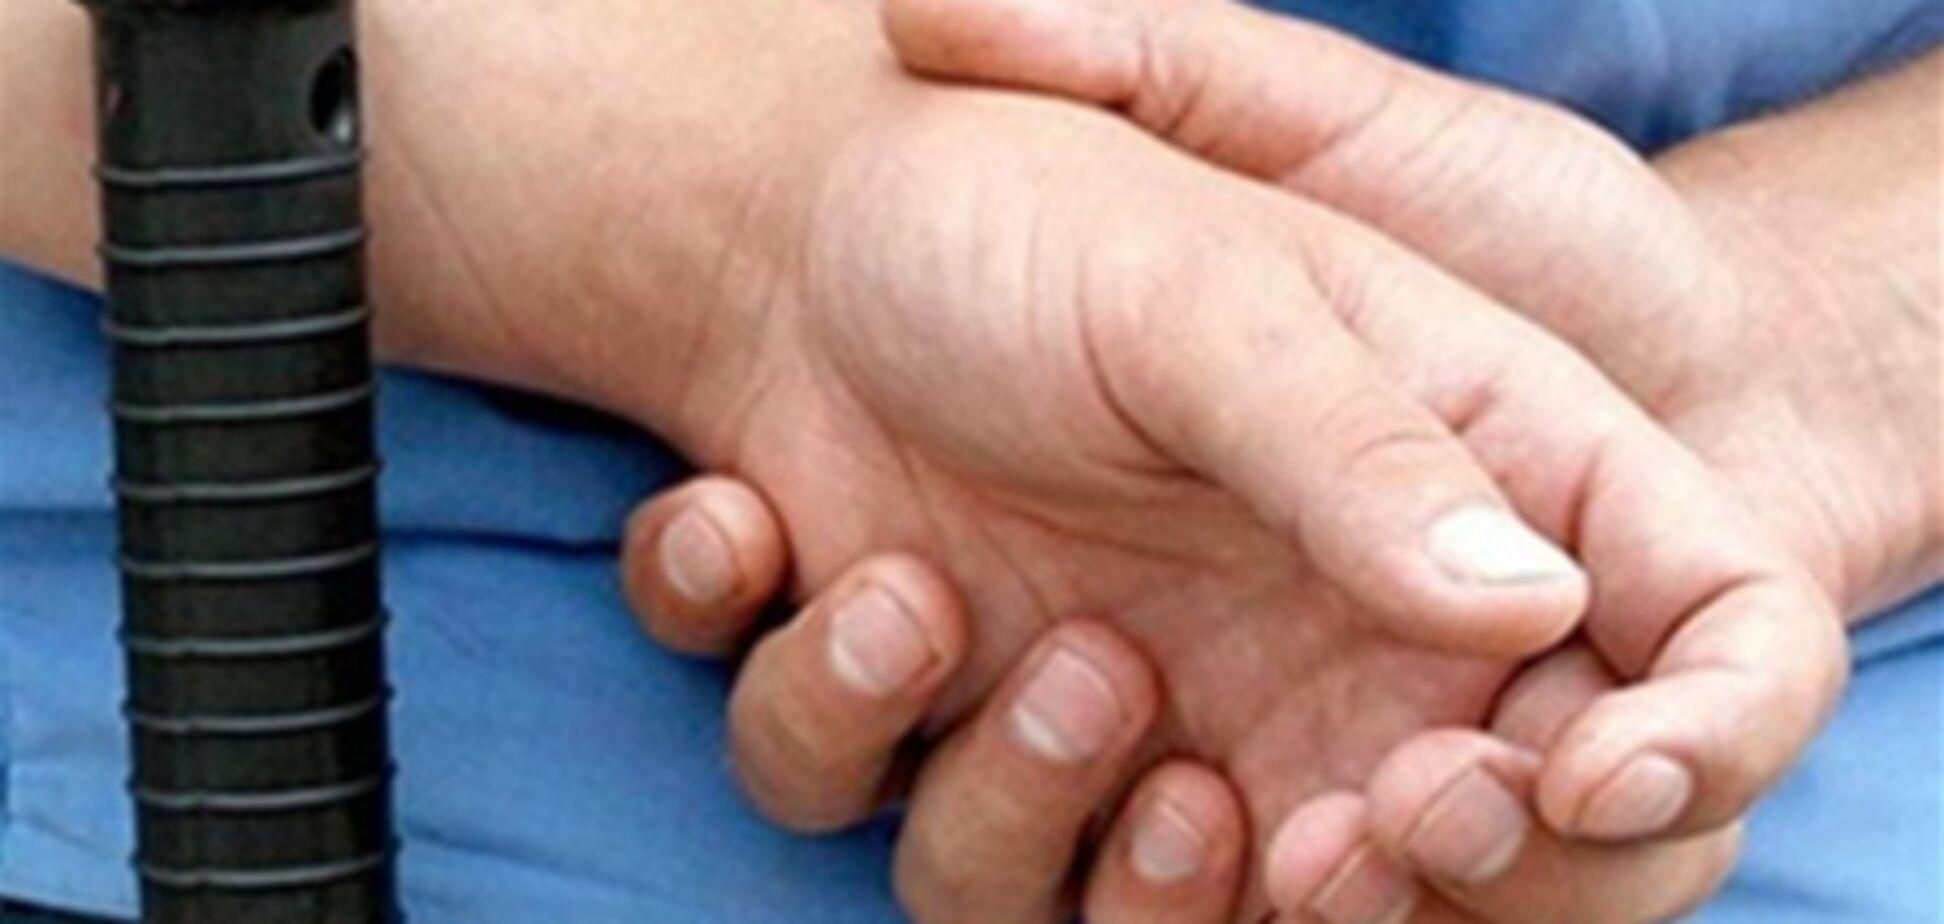 На Кіровоградщині отримали терміни міліціонери, які здійснювали помсту за брата